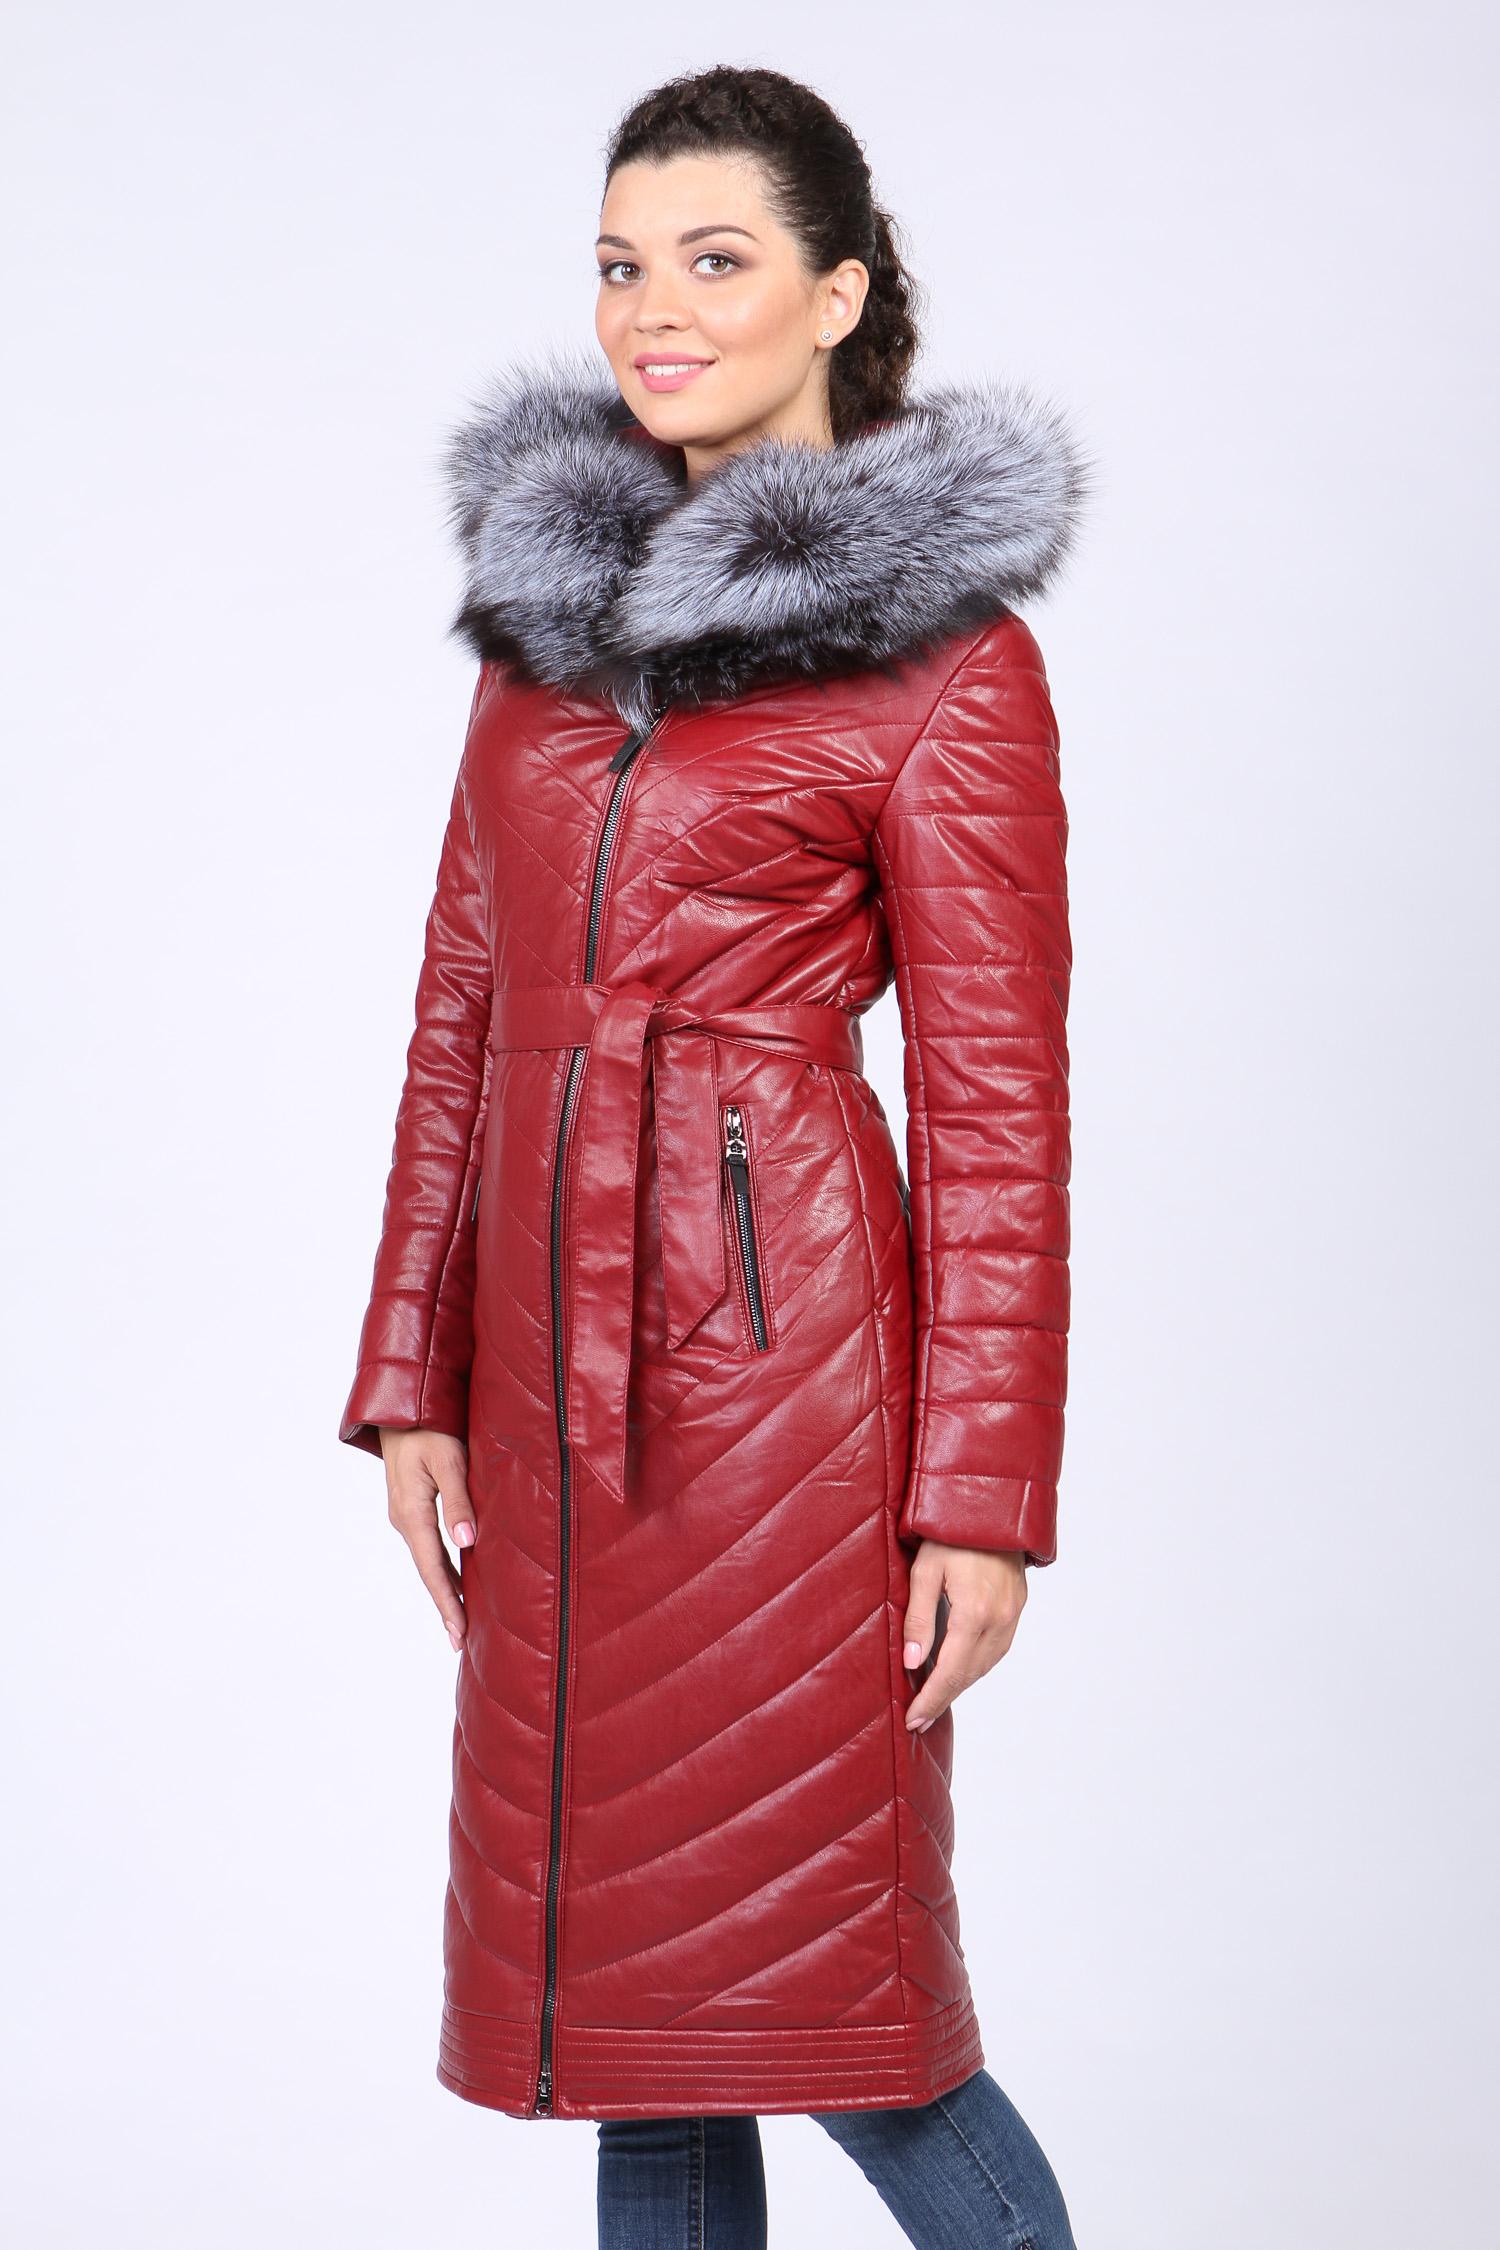 Пуховик женский с капюшоном, отделка натуральным мехом чернобурки Московская Меховая Компания